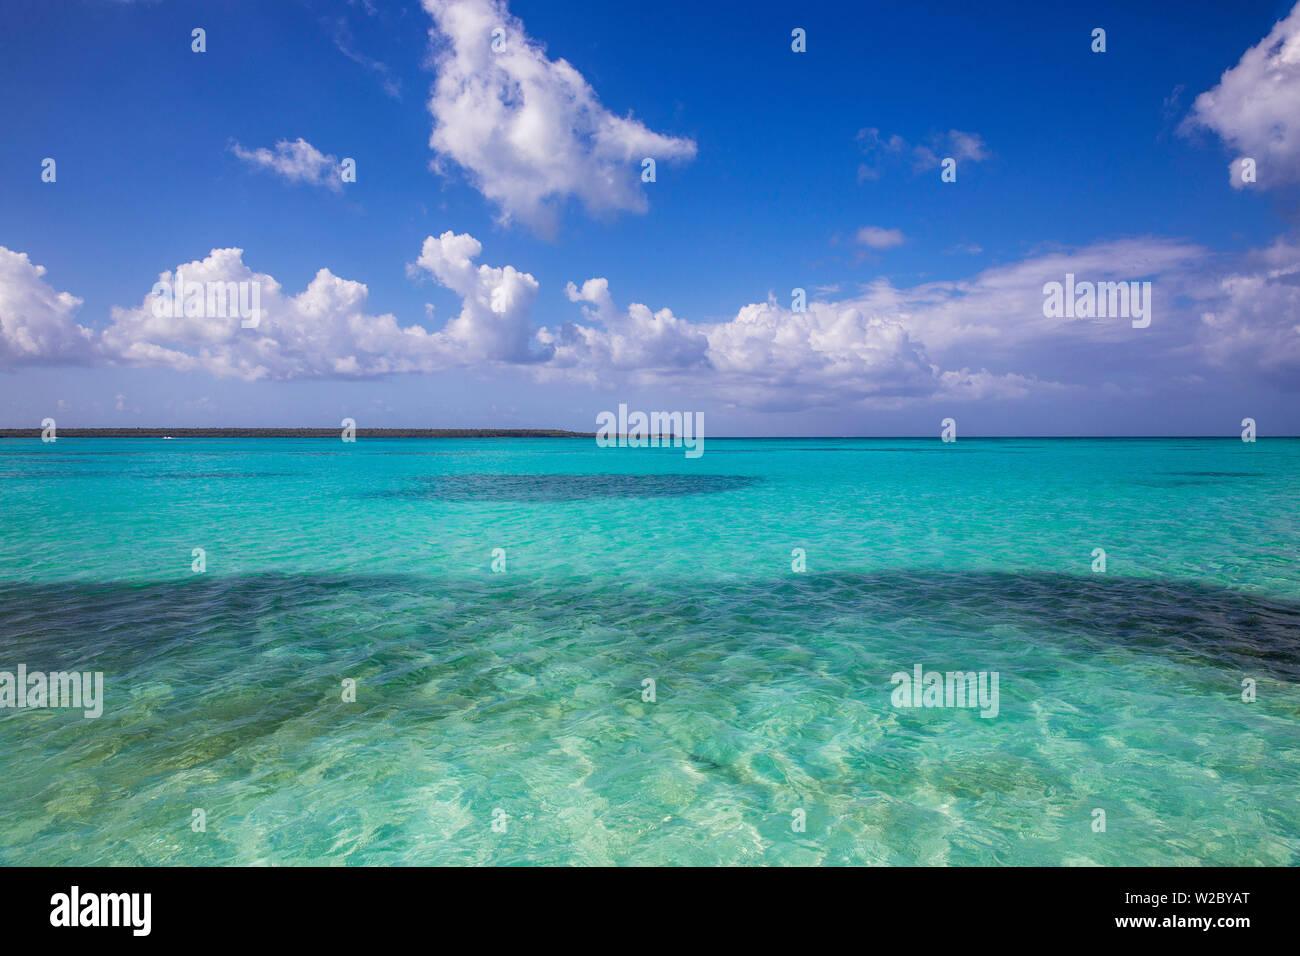 République dominicaine, Punta Cana, Parque Nacional del Este, piscine naturelle , un banc de sable peu profond Banque D'Images